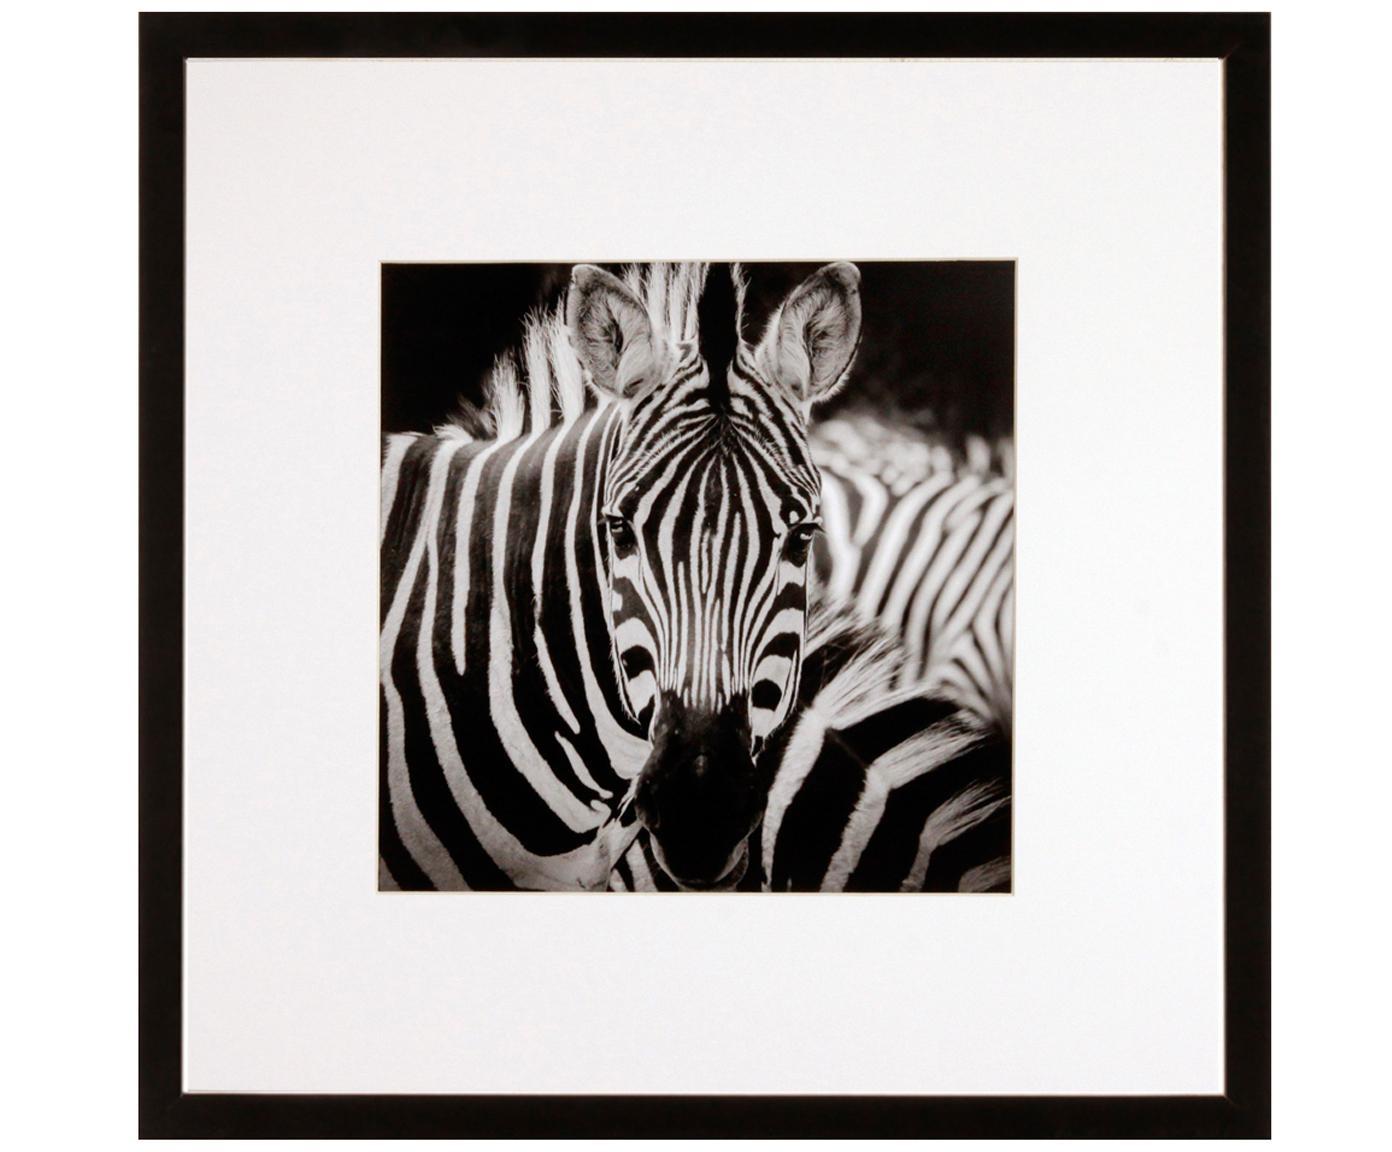 Gerahmter Digitaldruck Zebra, Bild: Digitaldruck, Rahmen: Kunststoffrahmen mit Glas, Schwarz,Weiß, 40 x 40 cm